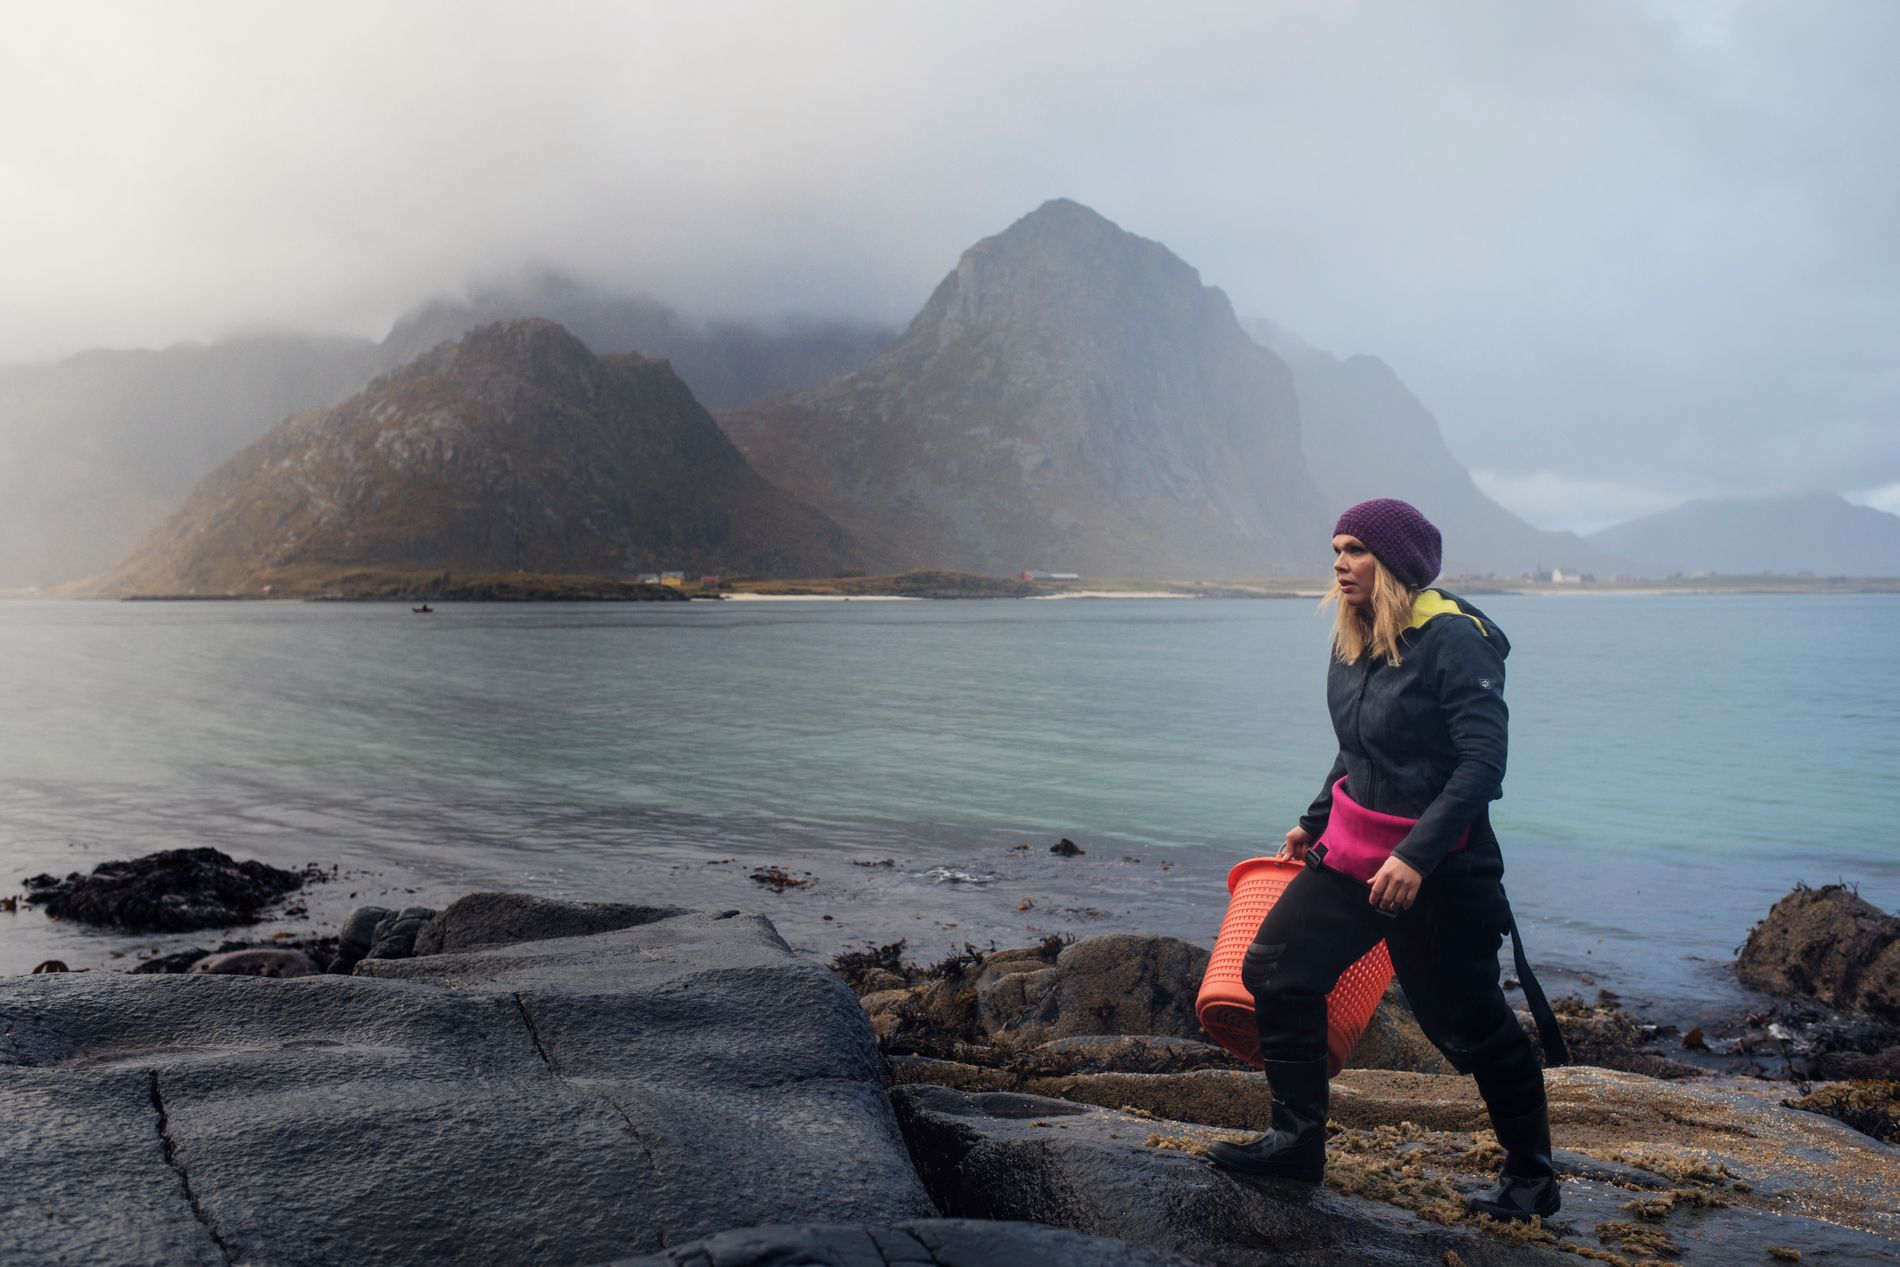 Angelita Eriksen jobbet som fysioterapaut i Oslo i mange år, før hun flyttet hjem og startet et tangfirma.